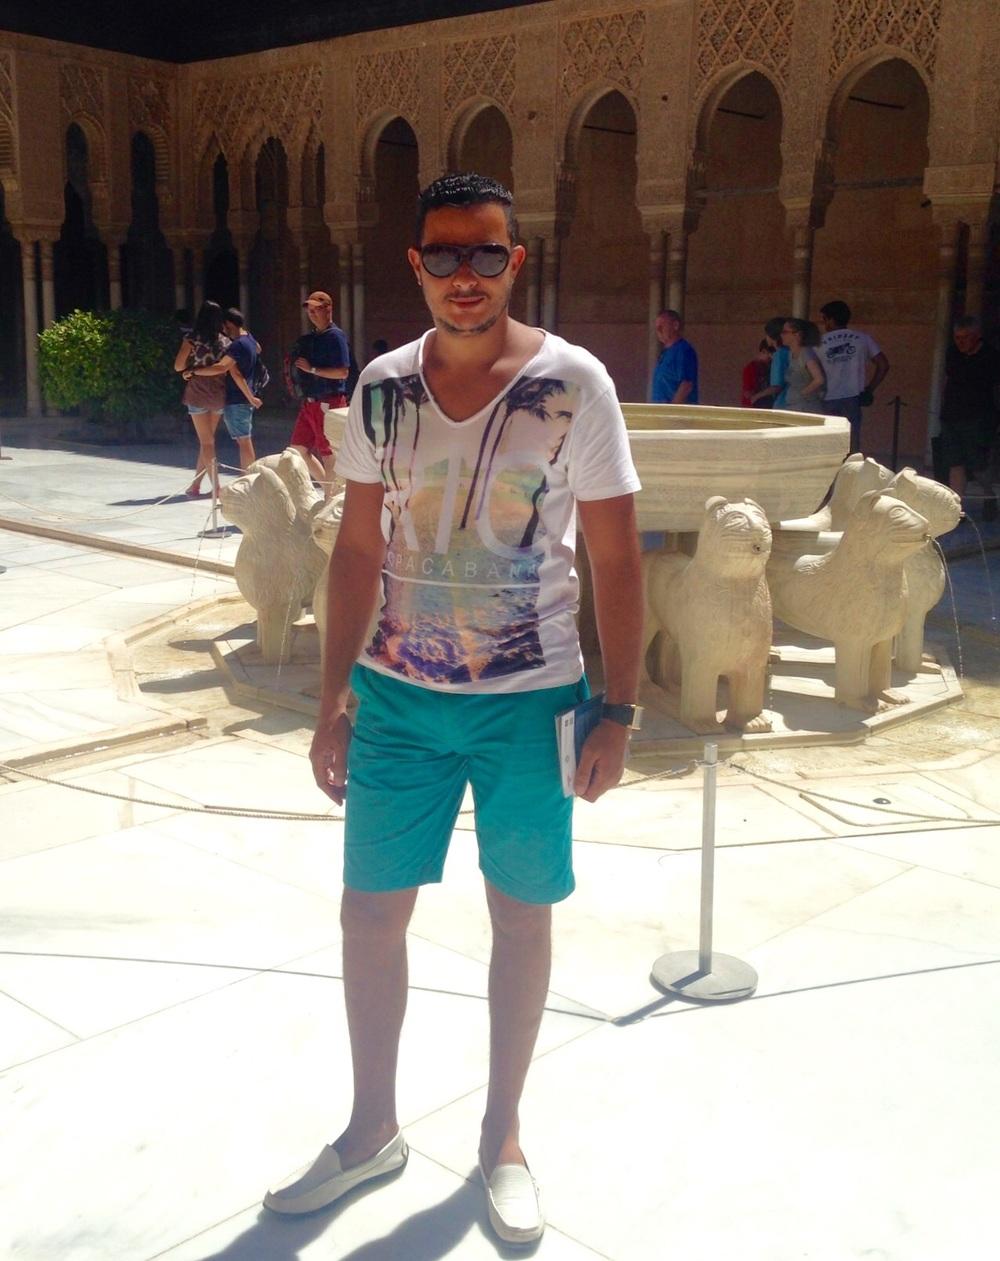 الصحفي أسعد المسعودي في ساحة بهو السباع بجناح الملك أبو عبدالله أثناء زيارته لقصر الحمراء بغرناطة خلال قيامه بهذه الدراسة المنشورة أعلاه